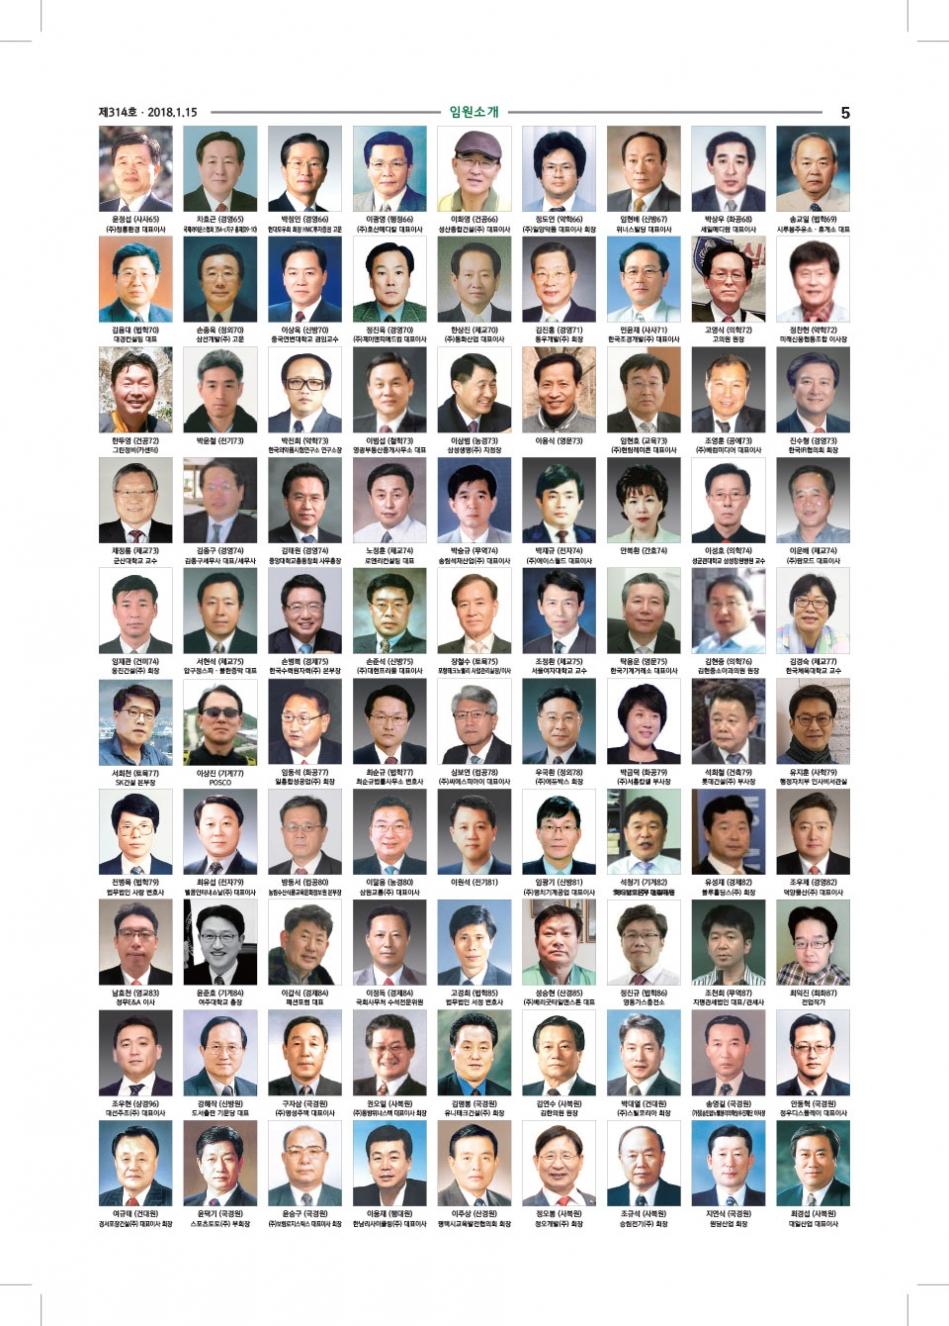 중총신문-18-2-15-최종00-OL인쇄다시-(1)-5.jpg